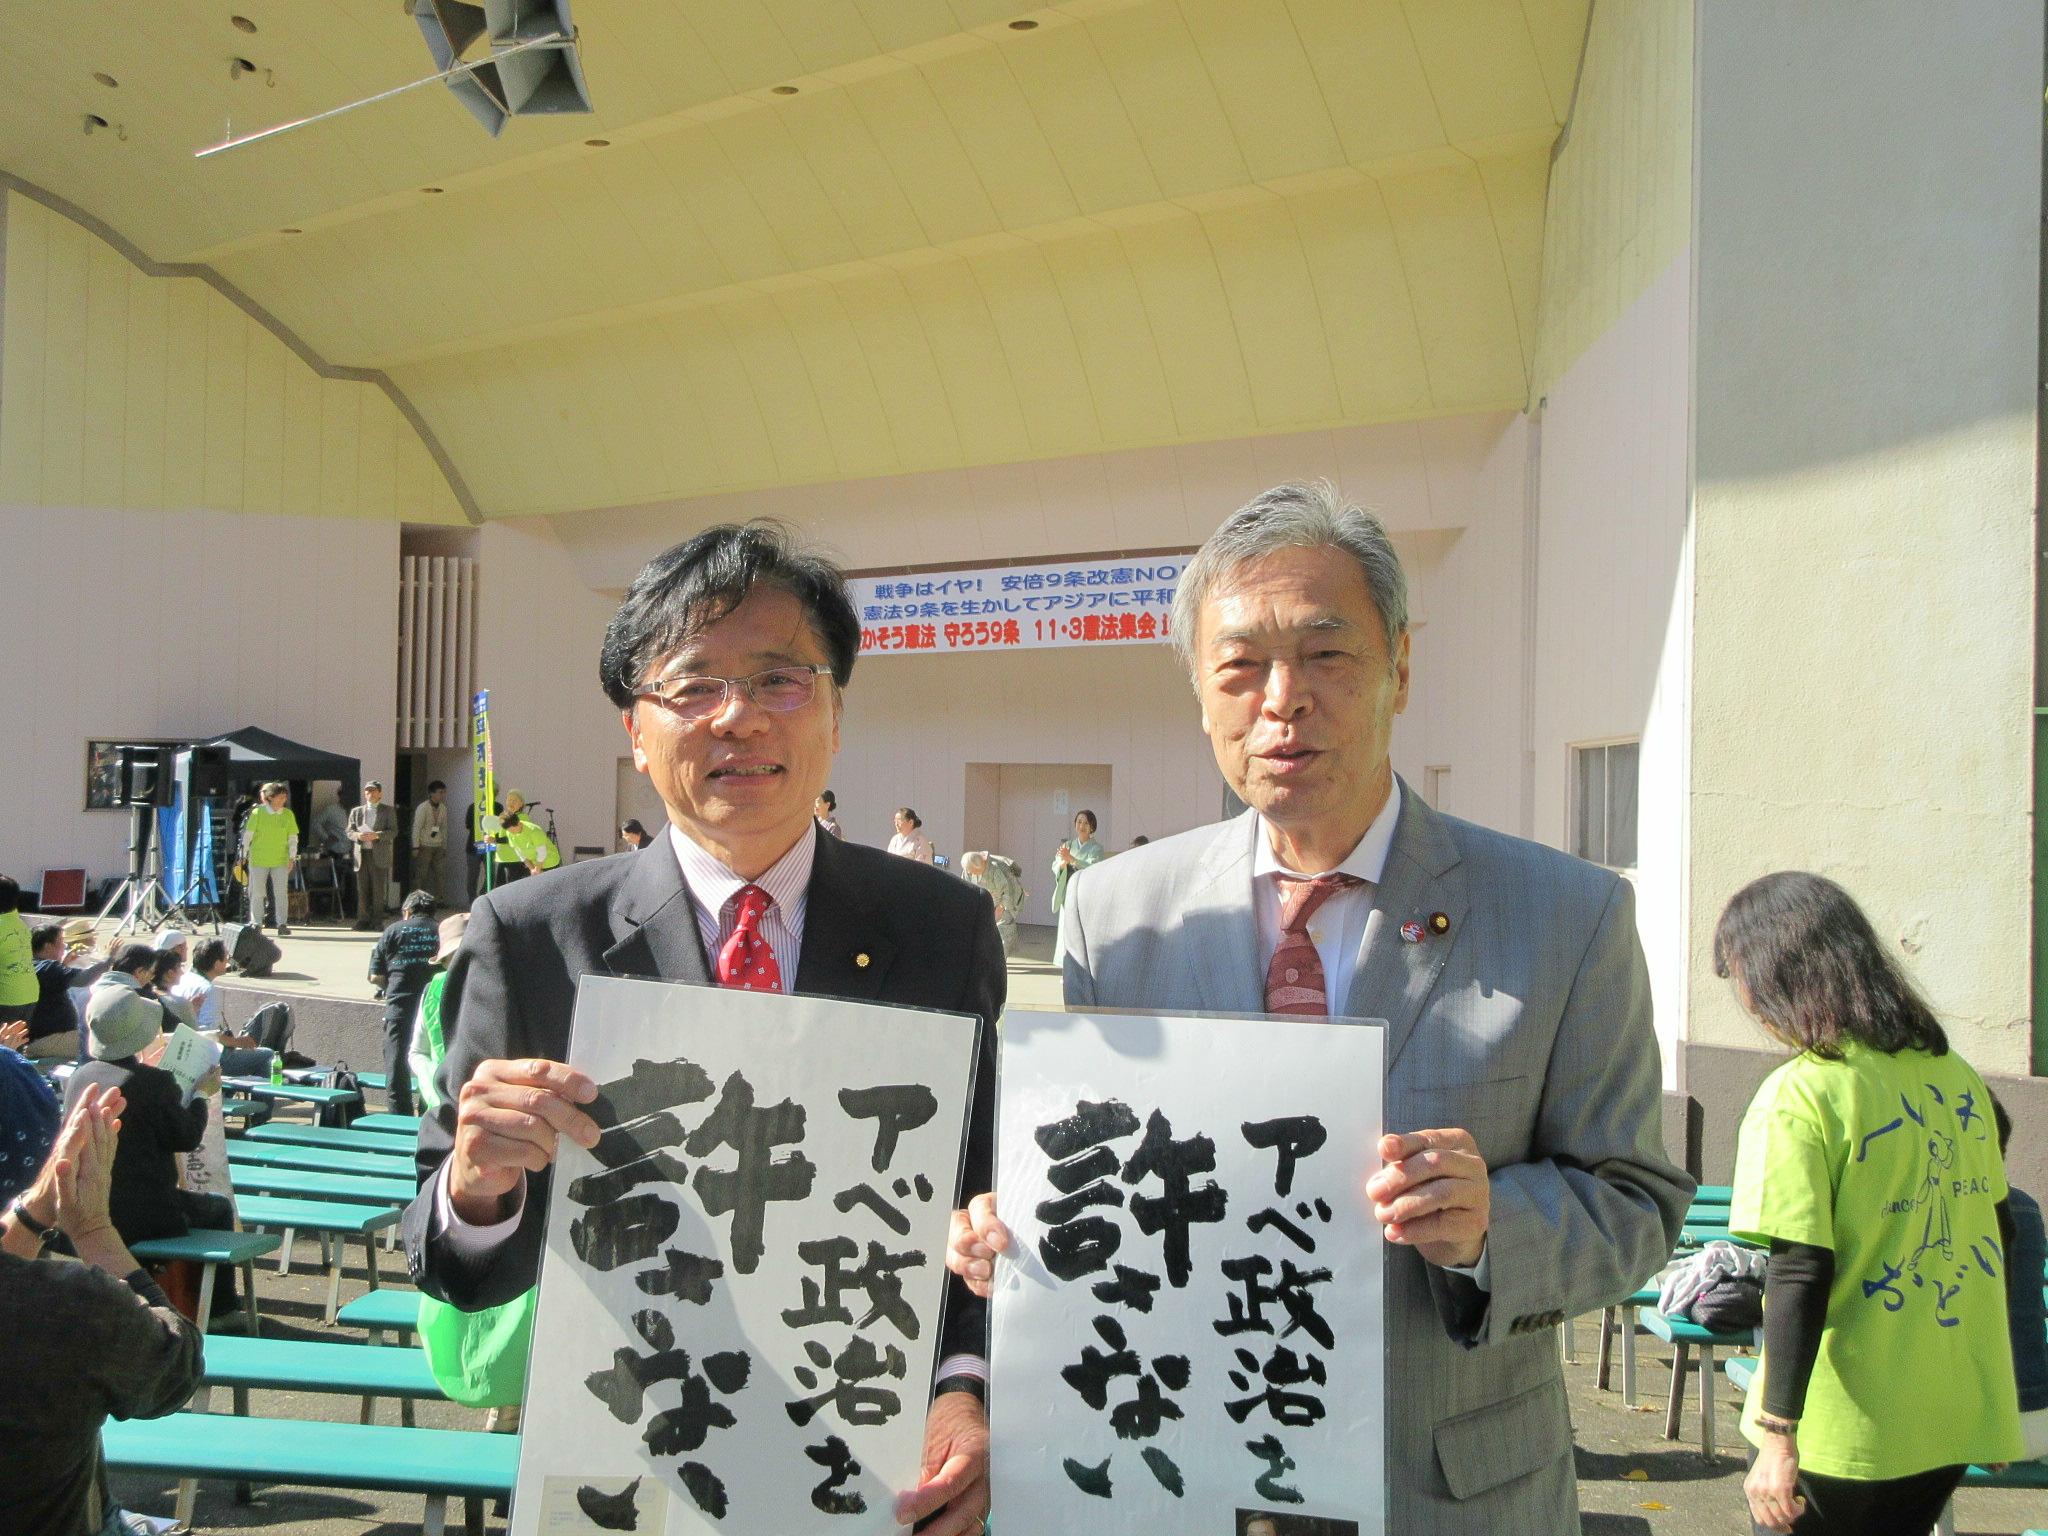 http://www.inoue-satoshi.com/diary/IMG_6612.JPG